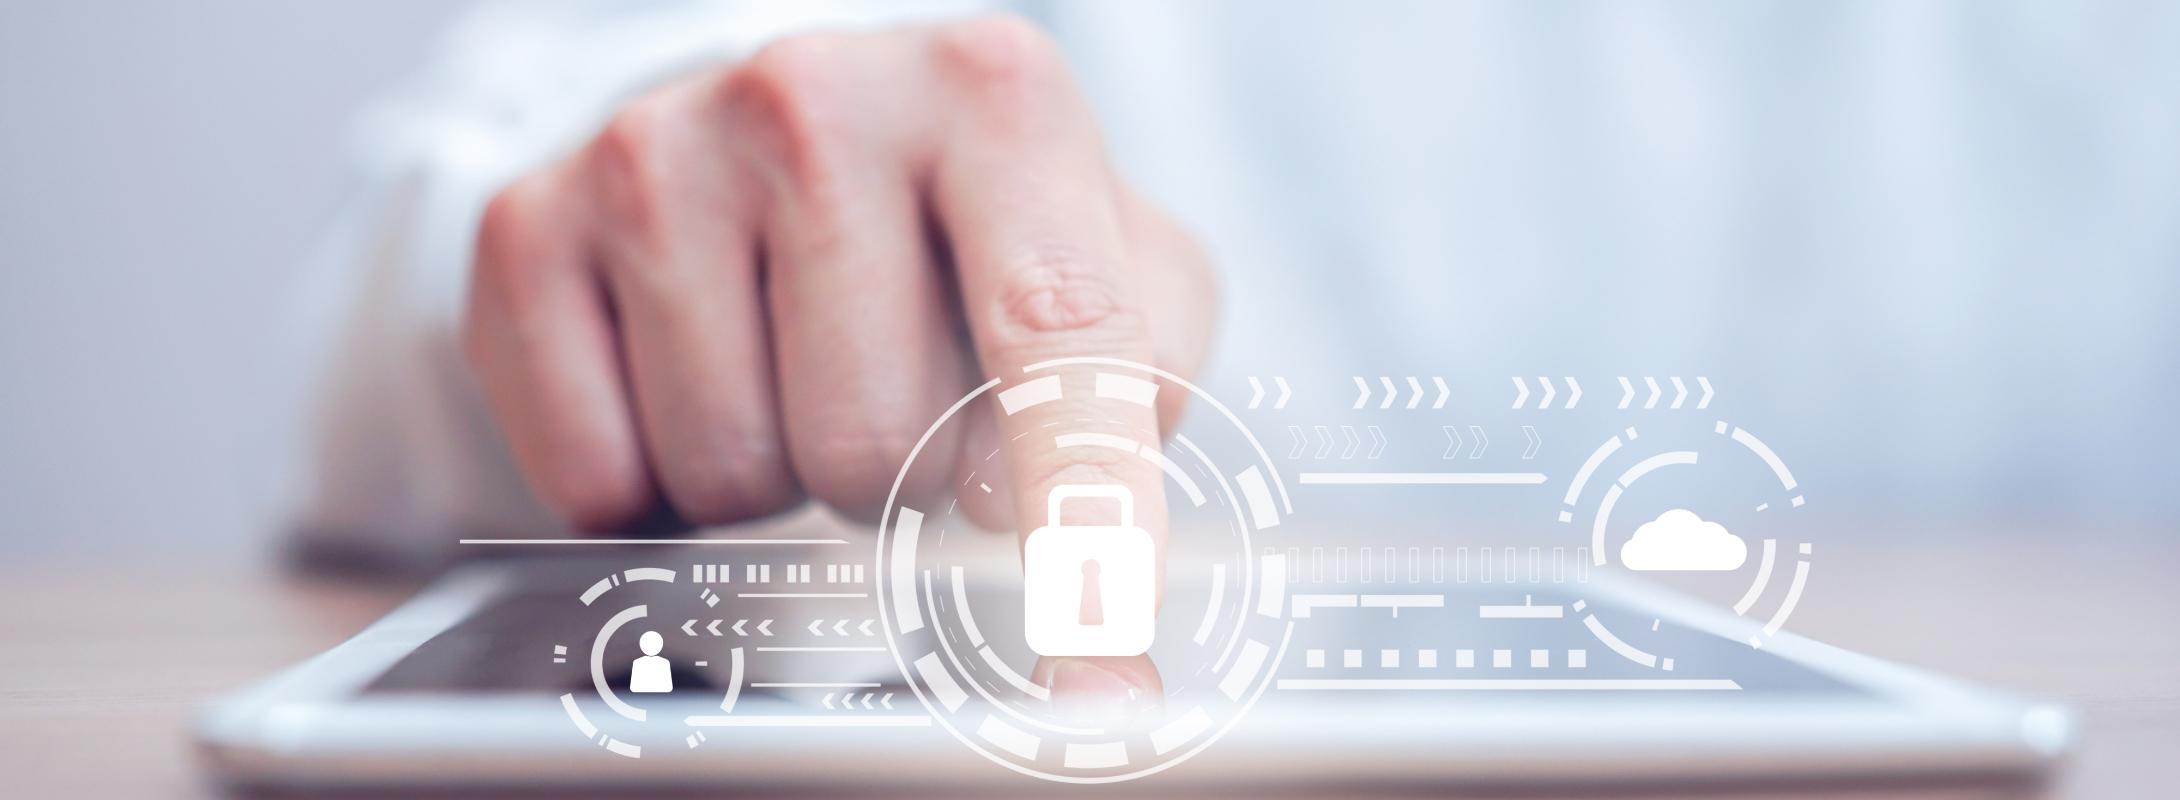 Datenschutzrecht Abkommen